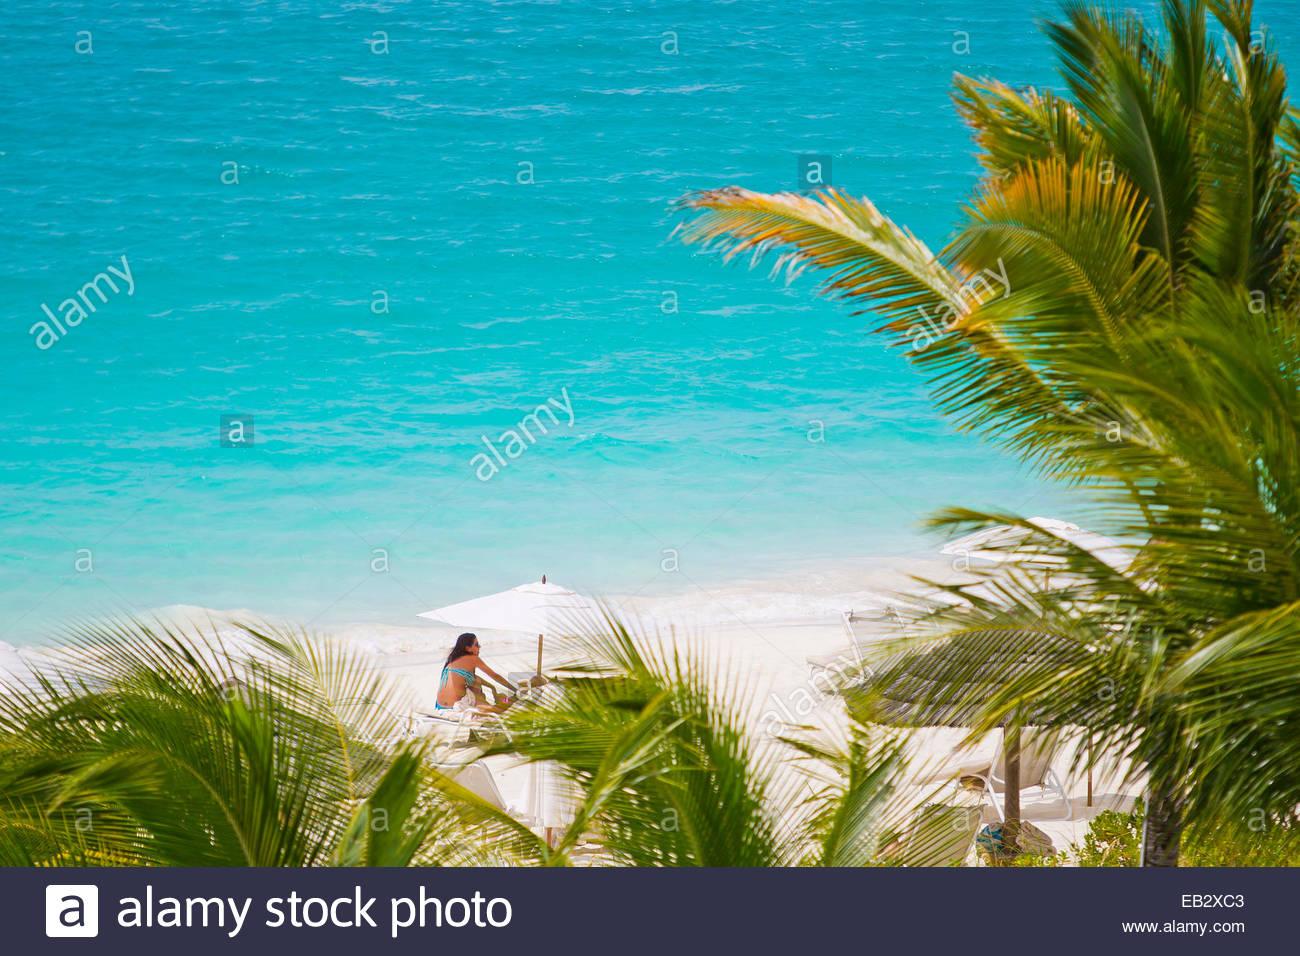 Una giovane donna relax su una spiaggia tropicale appena al di là di palme che soffia in una brezza. Immagini Stock